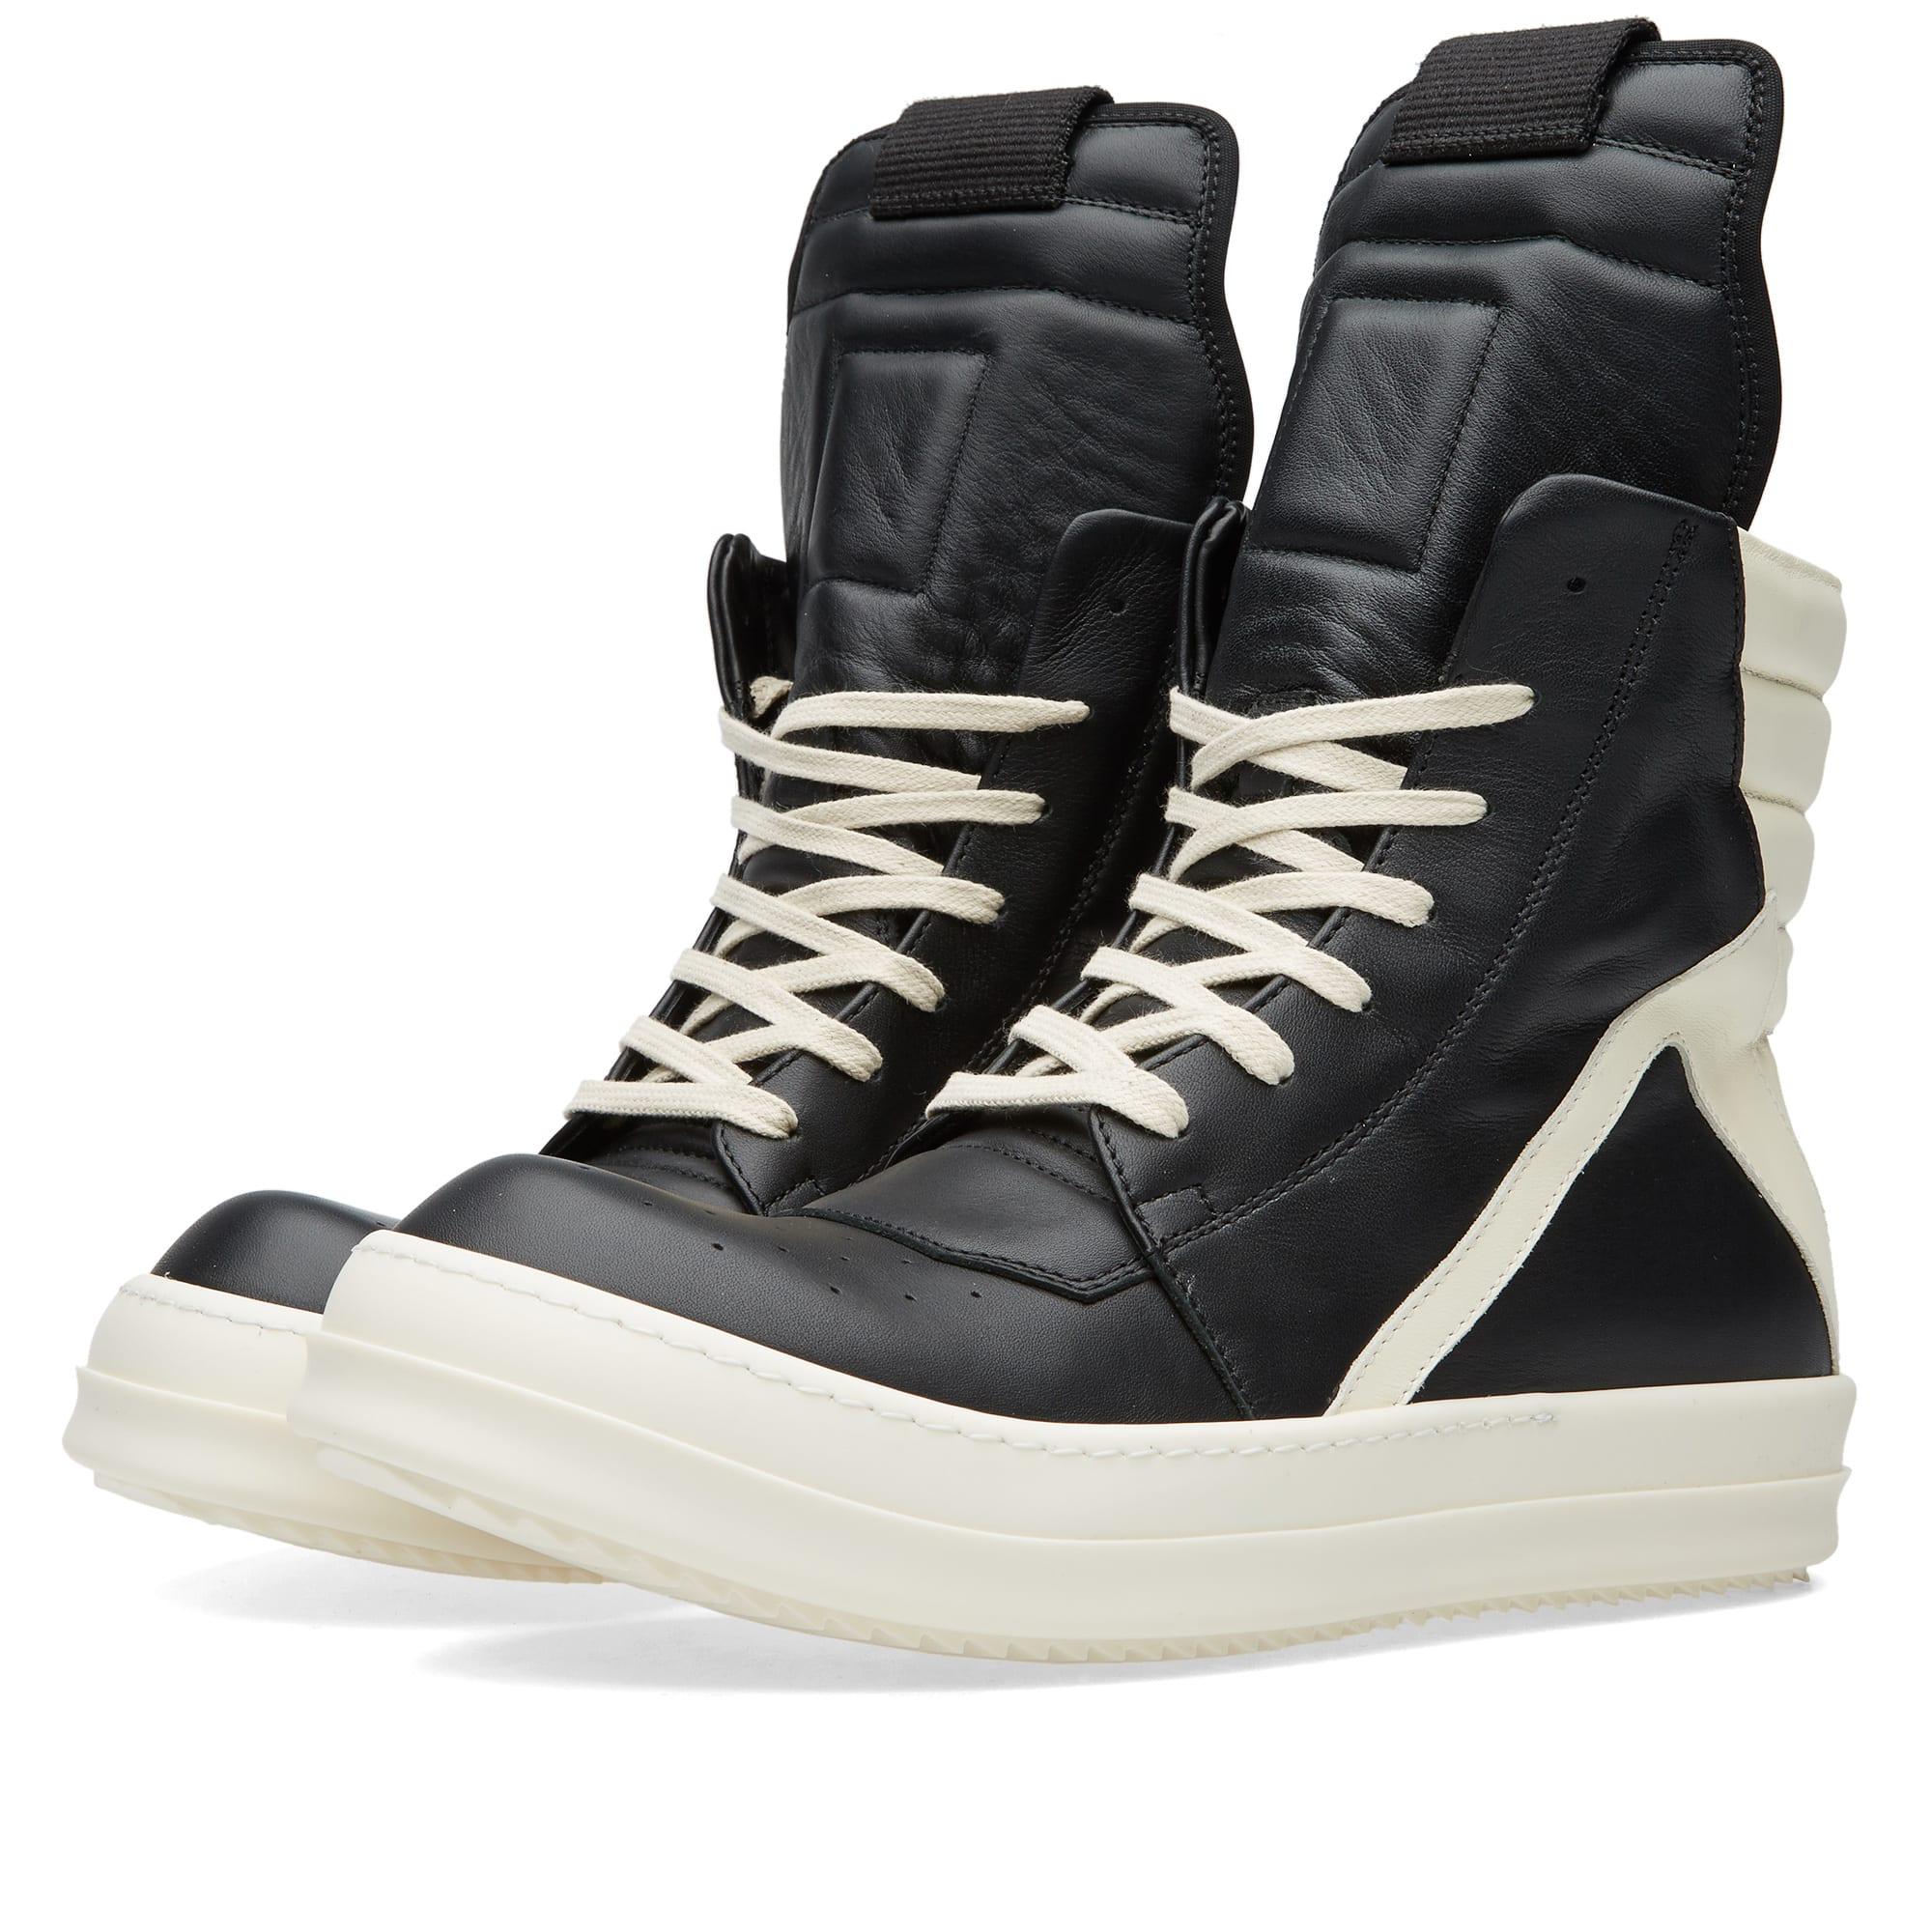 rick owens geobasket sneaker black white. Black Bedroom Furniture Sets. Home Design Ideas